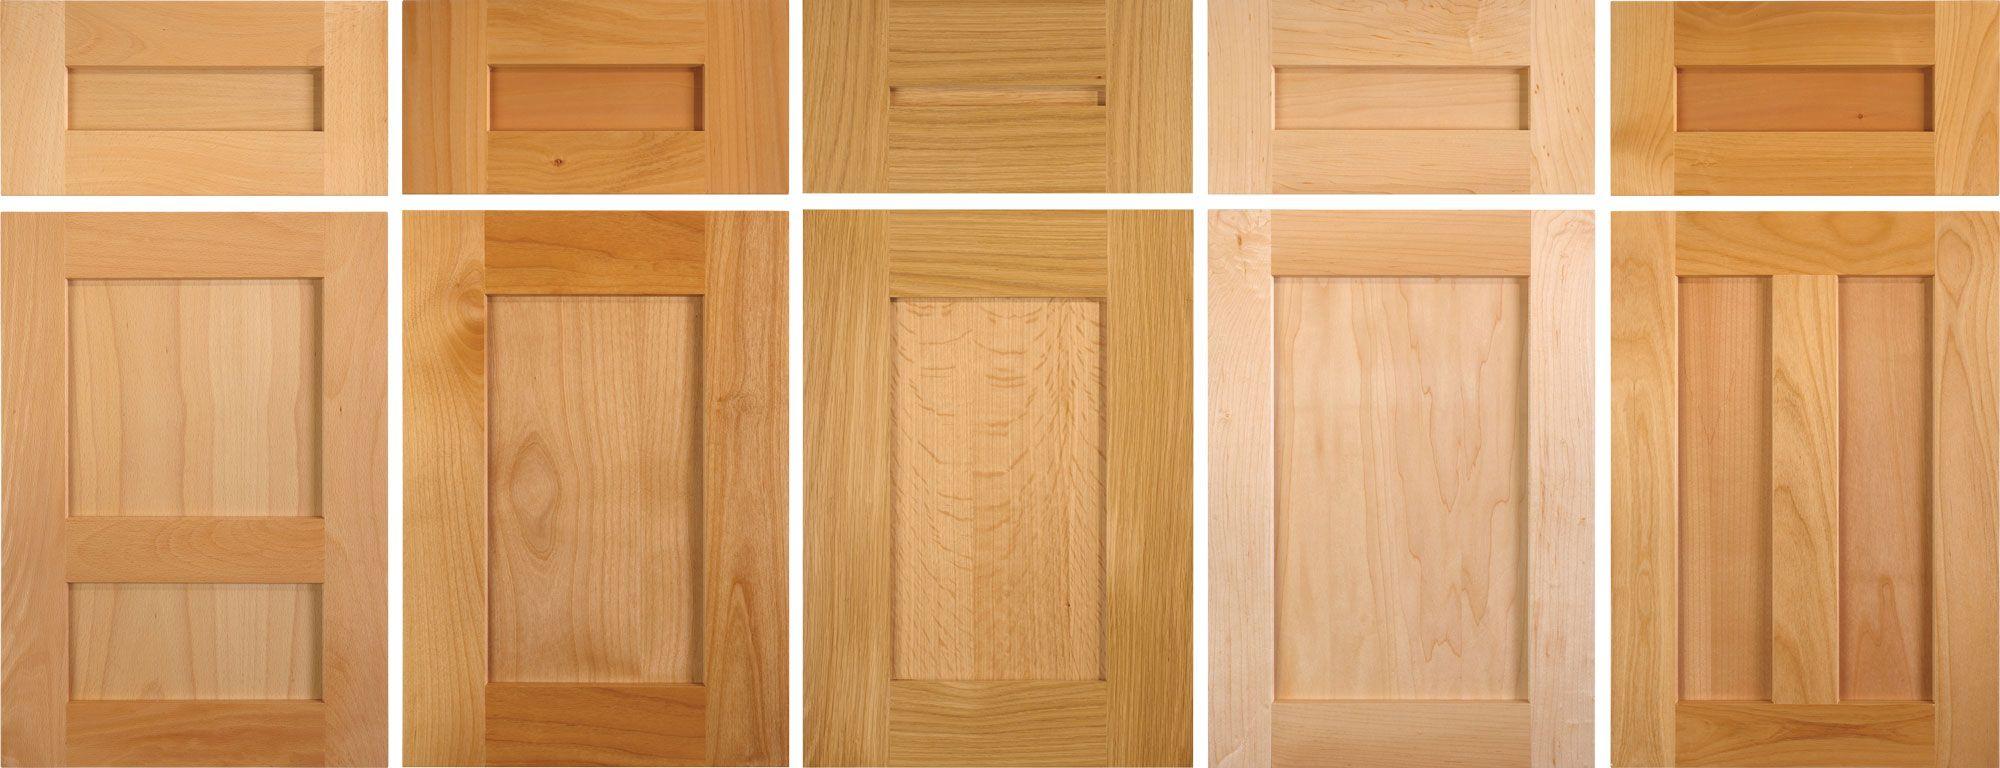 24+ Shaker door panel diy